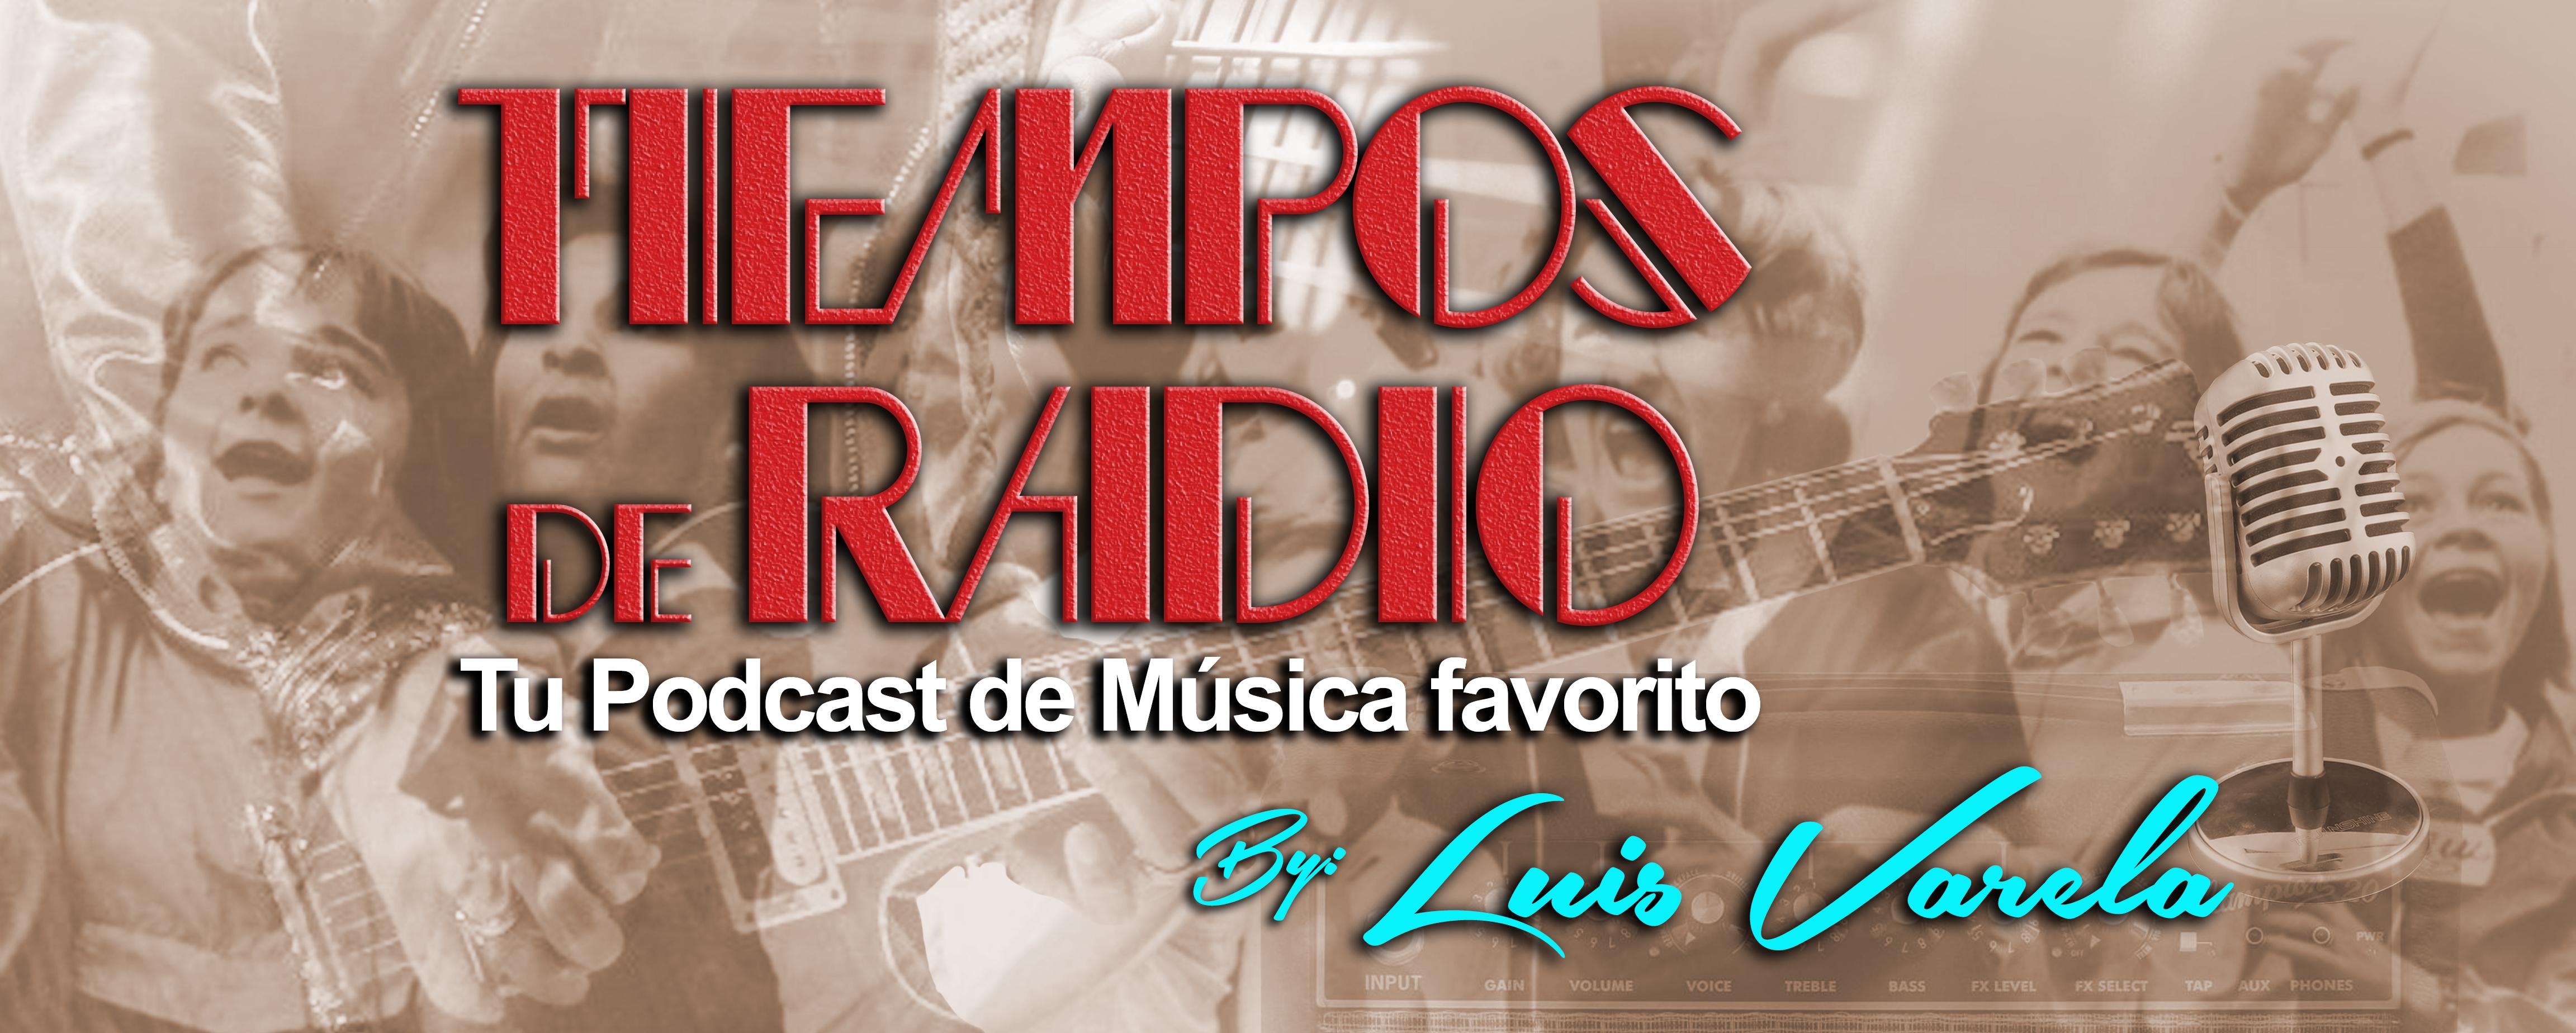 Escucha el podcast - Tiempos de radio